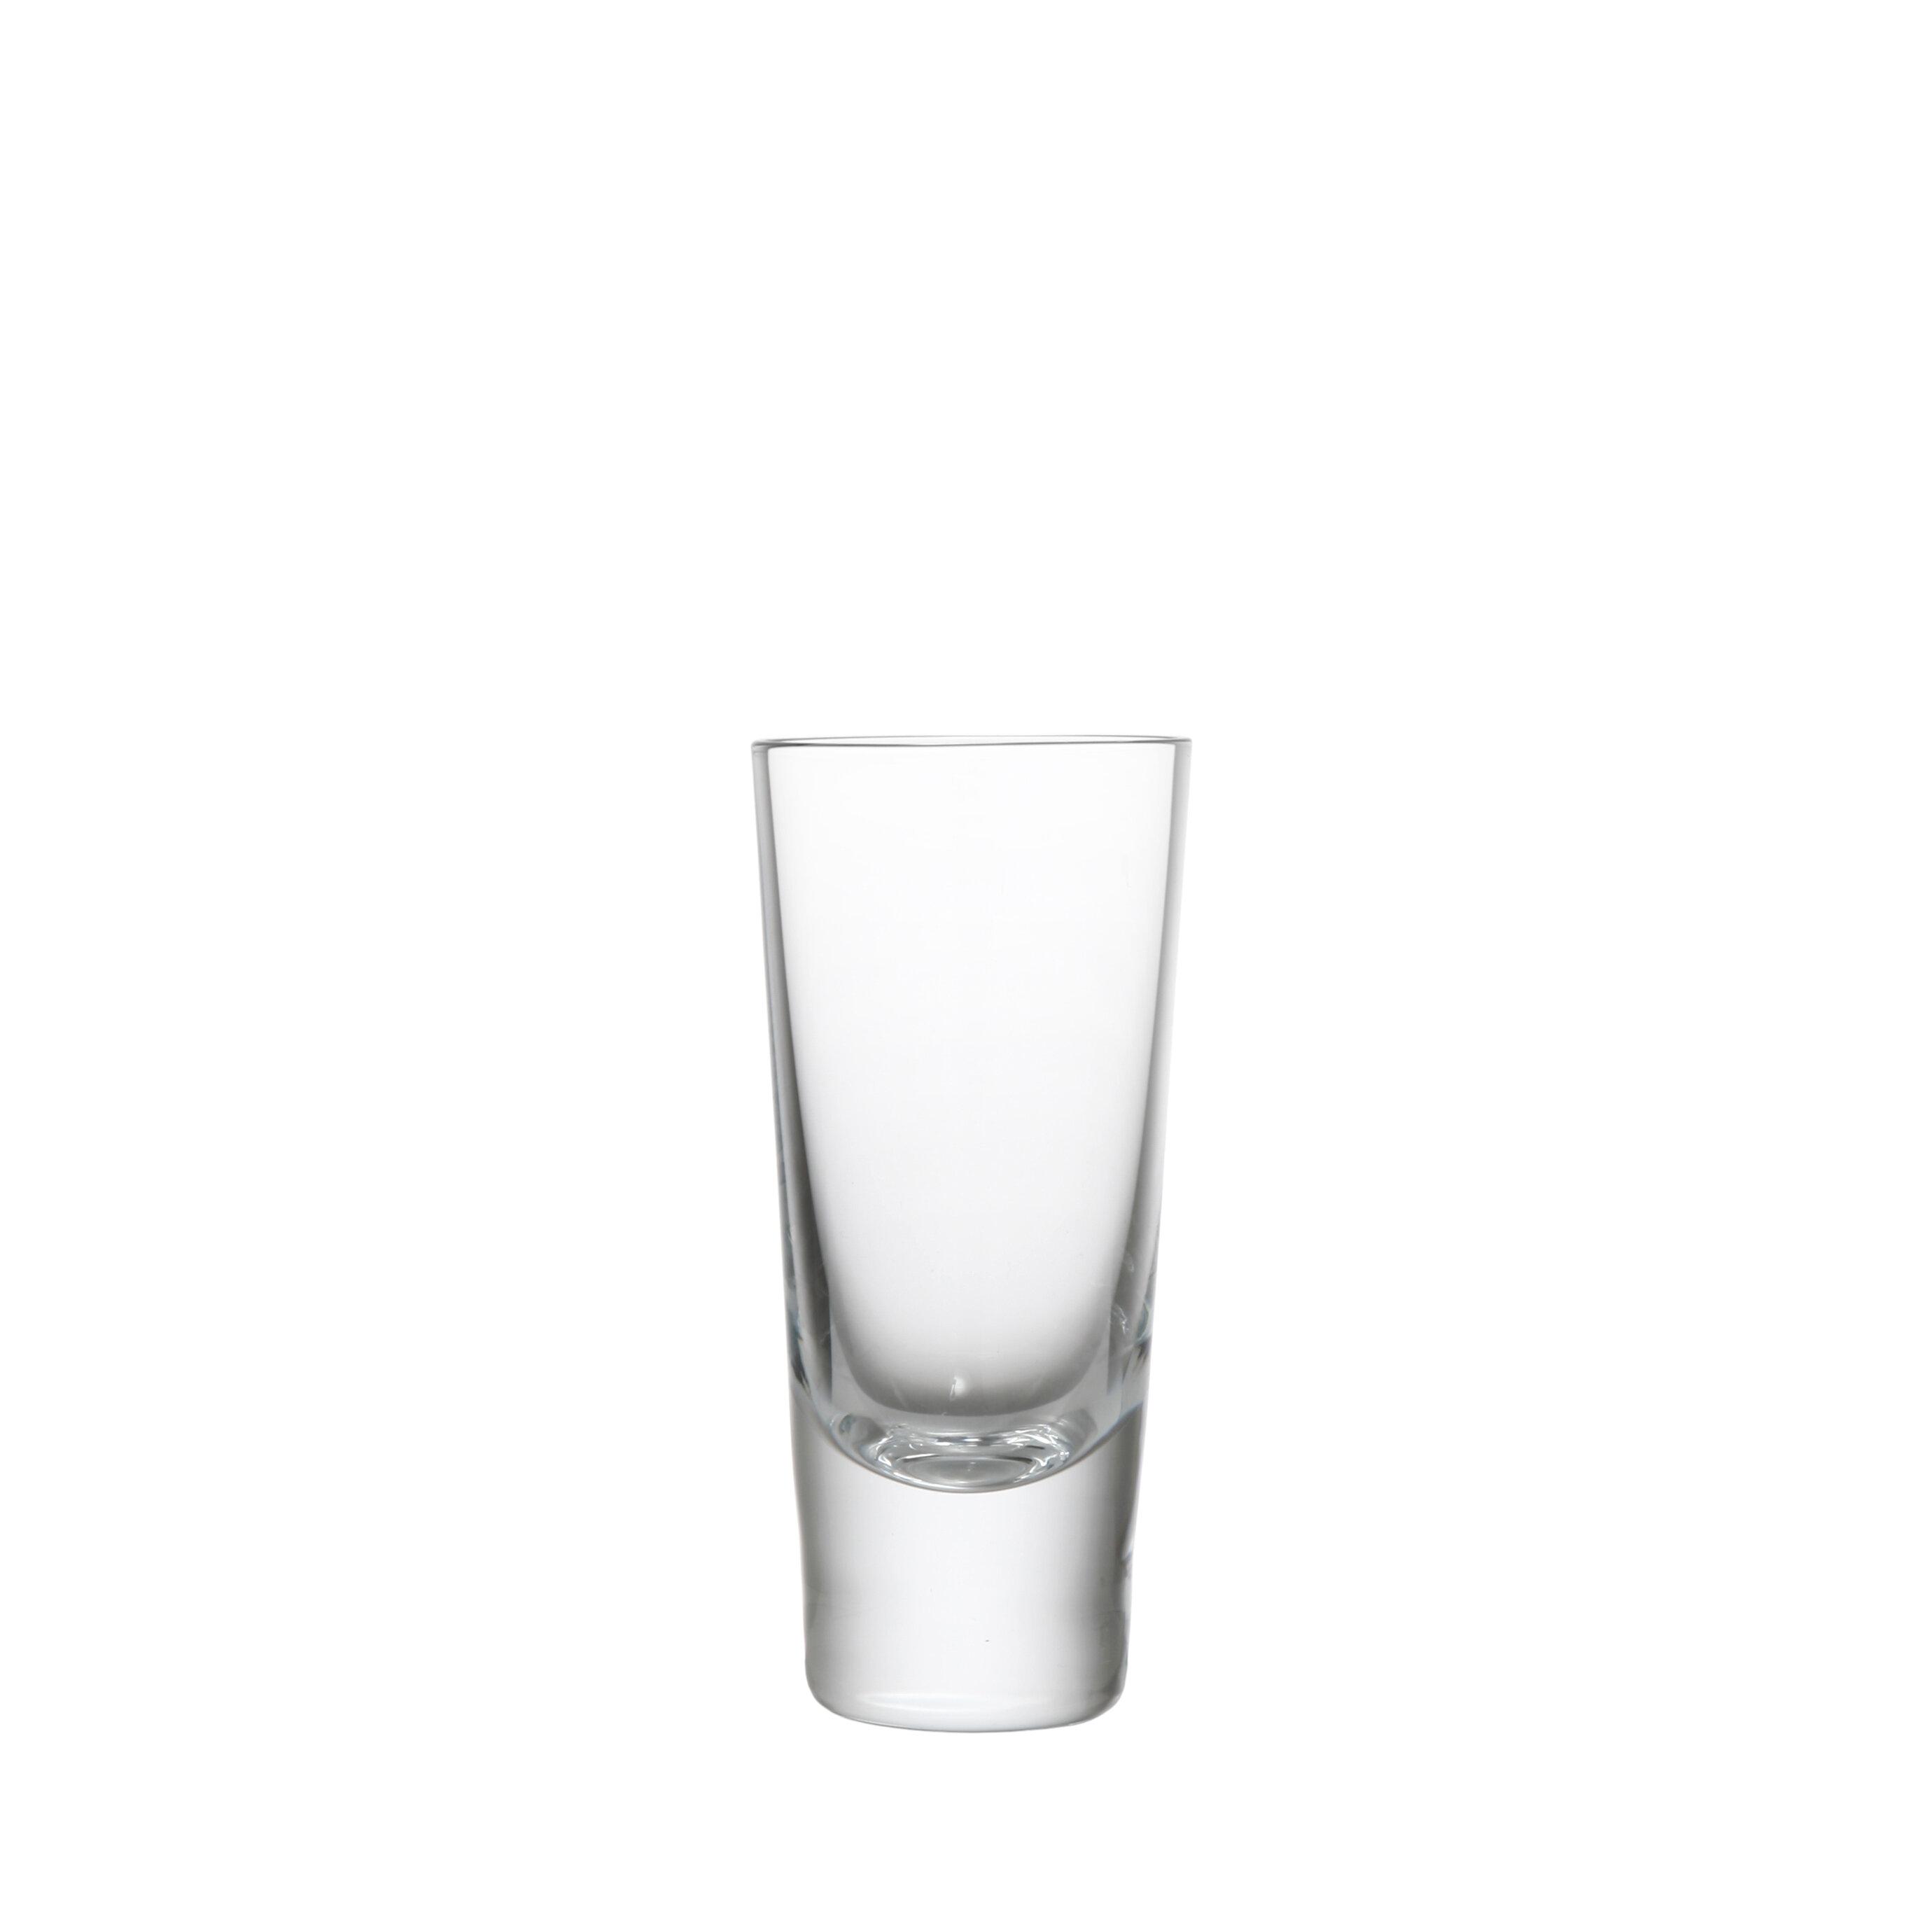 Schott Zwiesel Tossa 3 Oz Shot Glass Wayfair